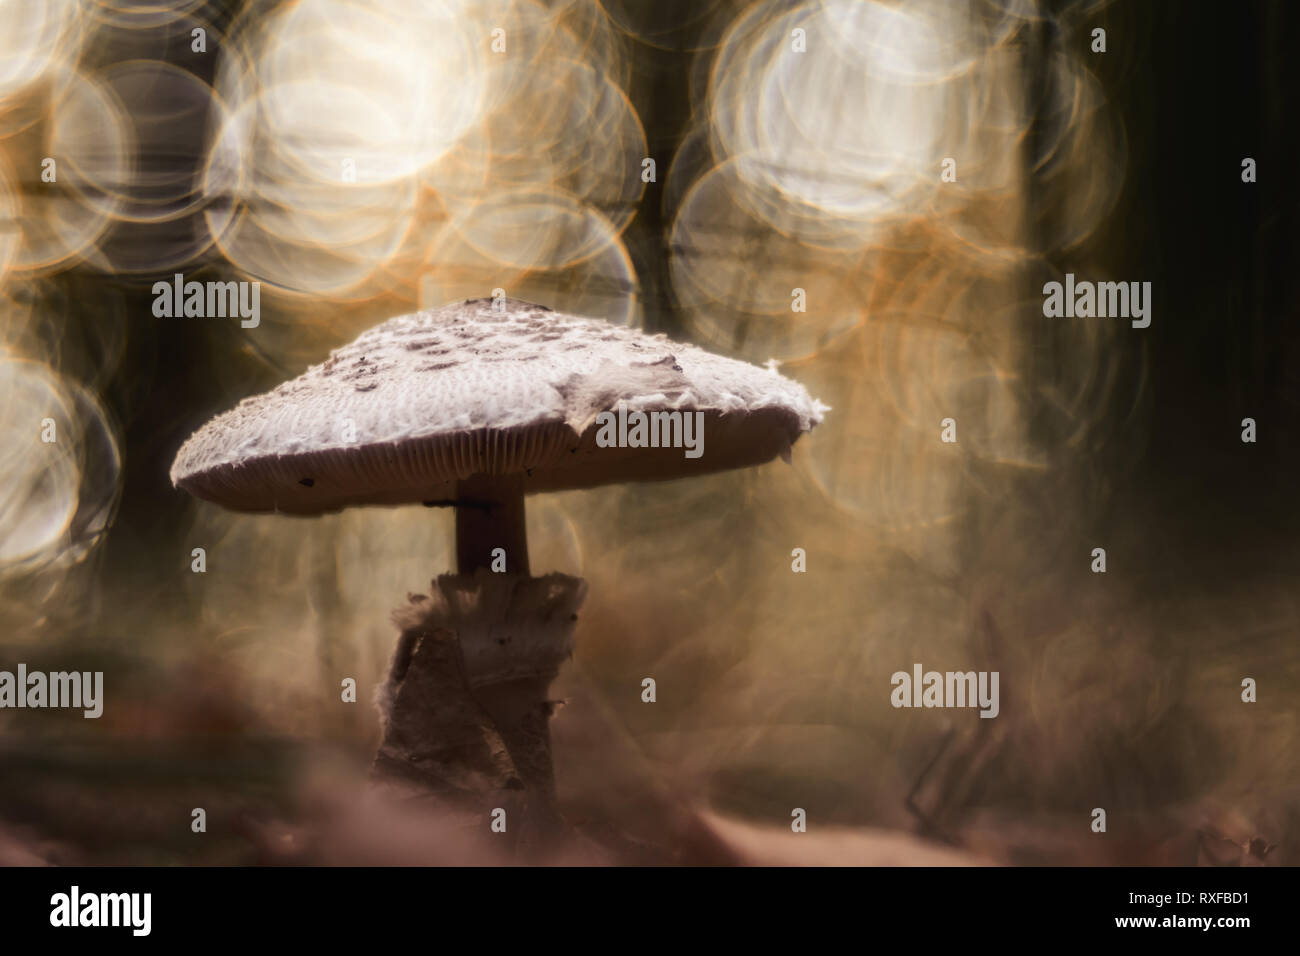 Parasol Pilz im Wald mit Lichteinfall - Stock Image